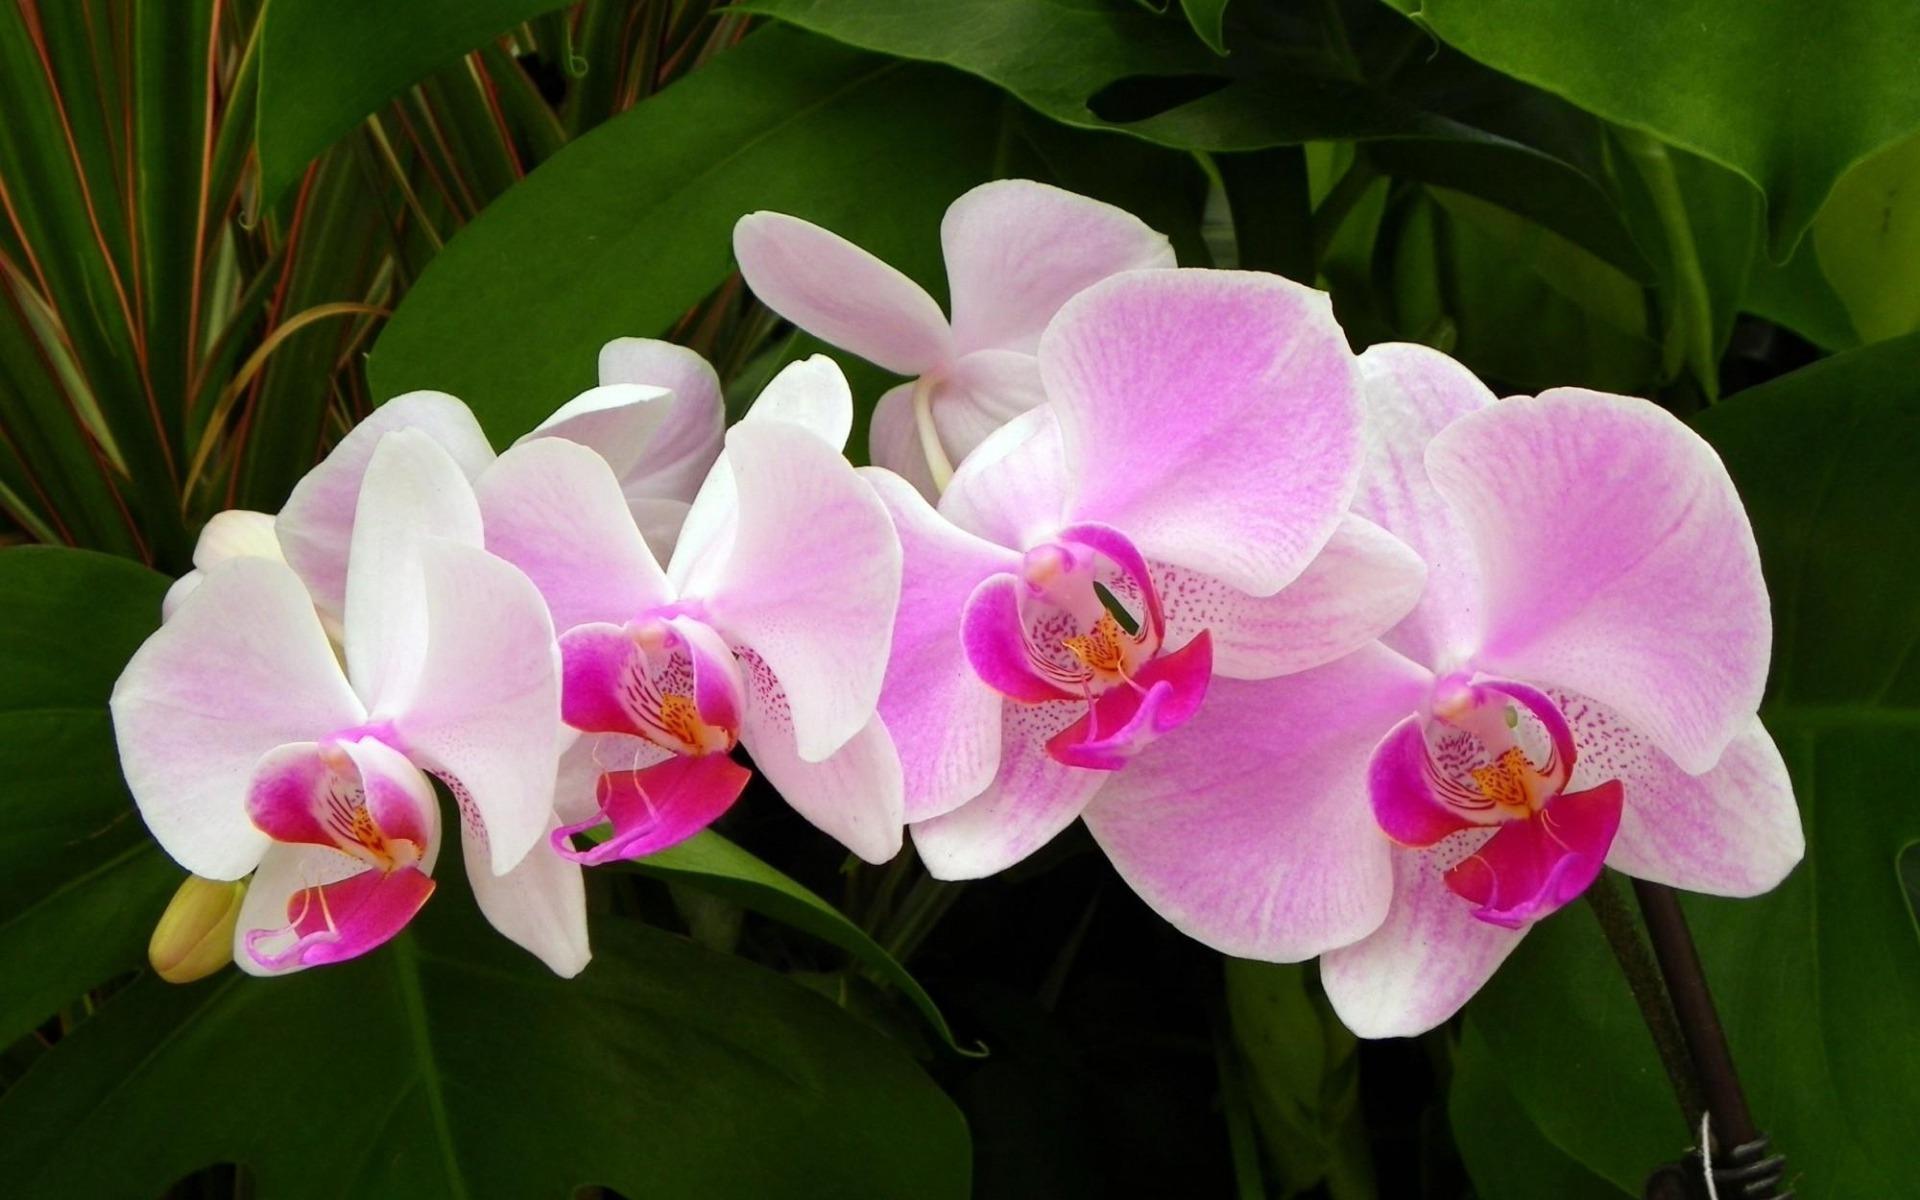 Orchidee Rose Fleurs Hd Fond D Ecran Apercu 10wallpaper Com